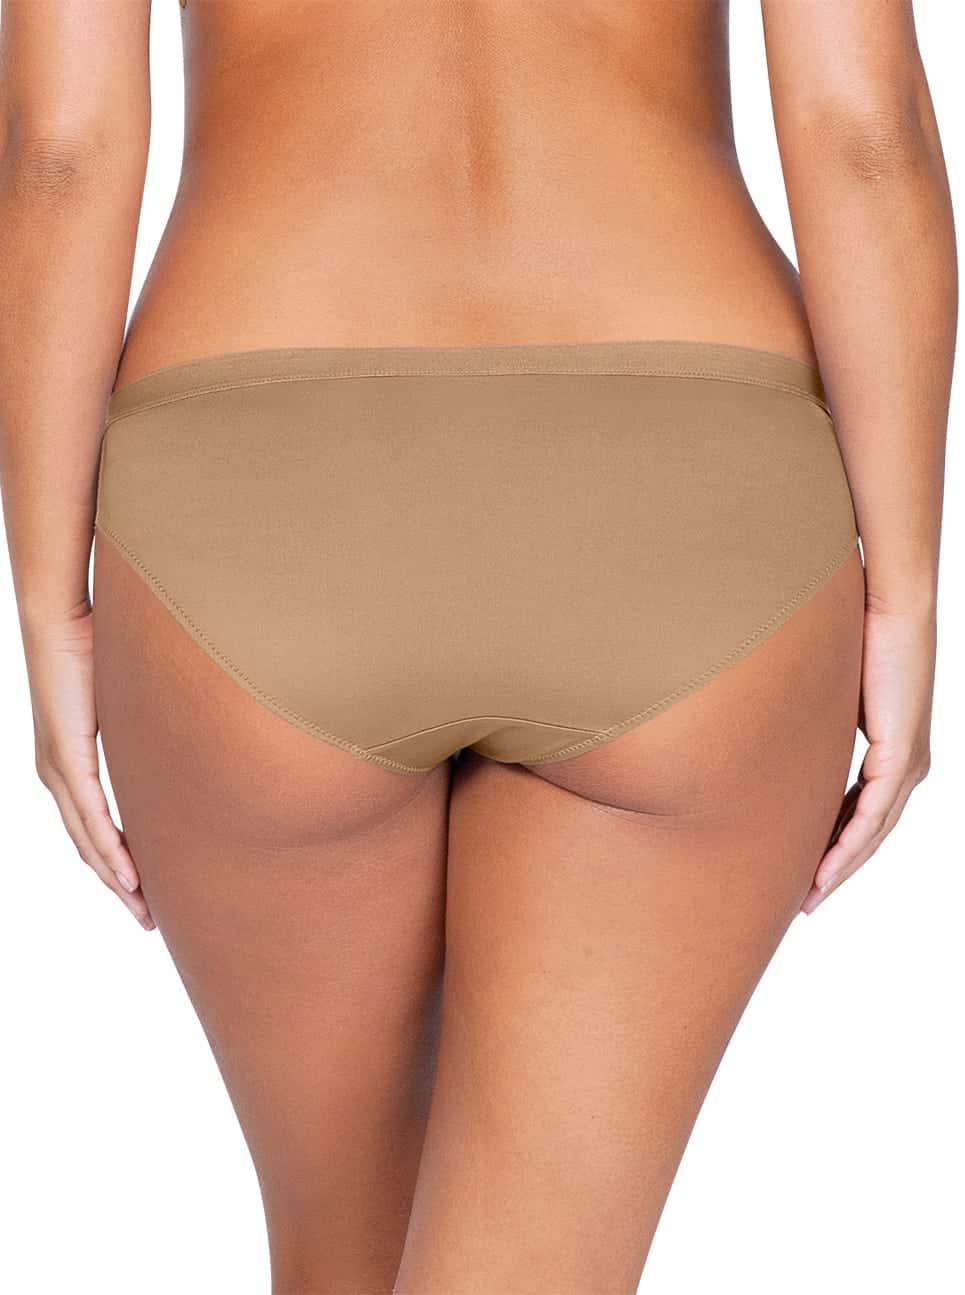 Lydie P5443 Bikini NudeBack copy - Lydie Bikini – European Nude – P5443